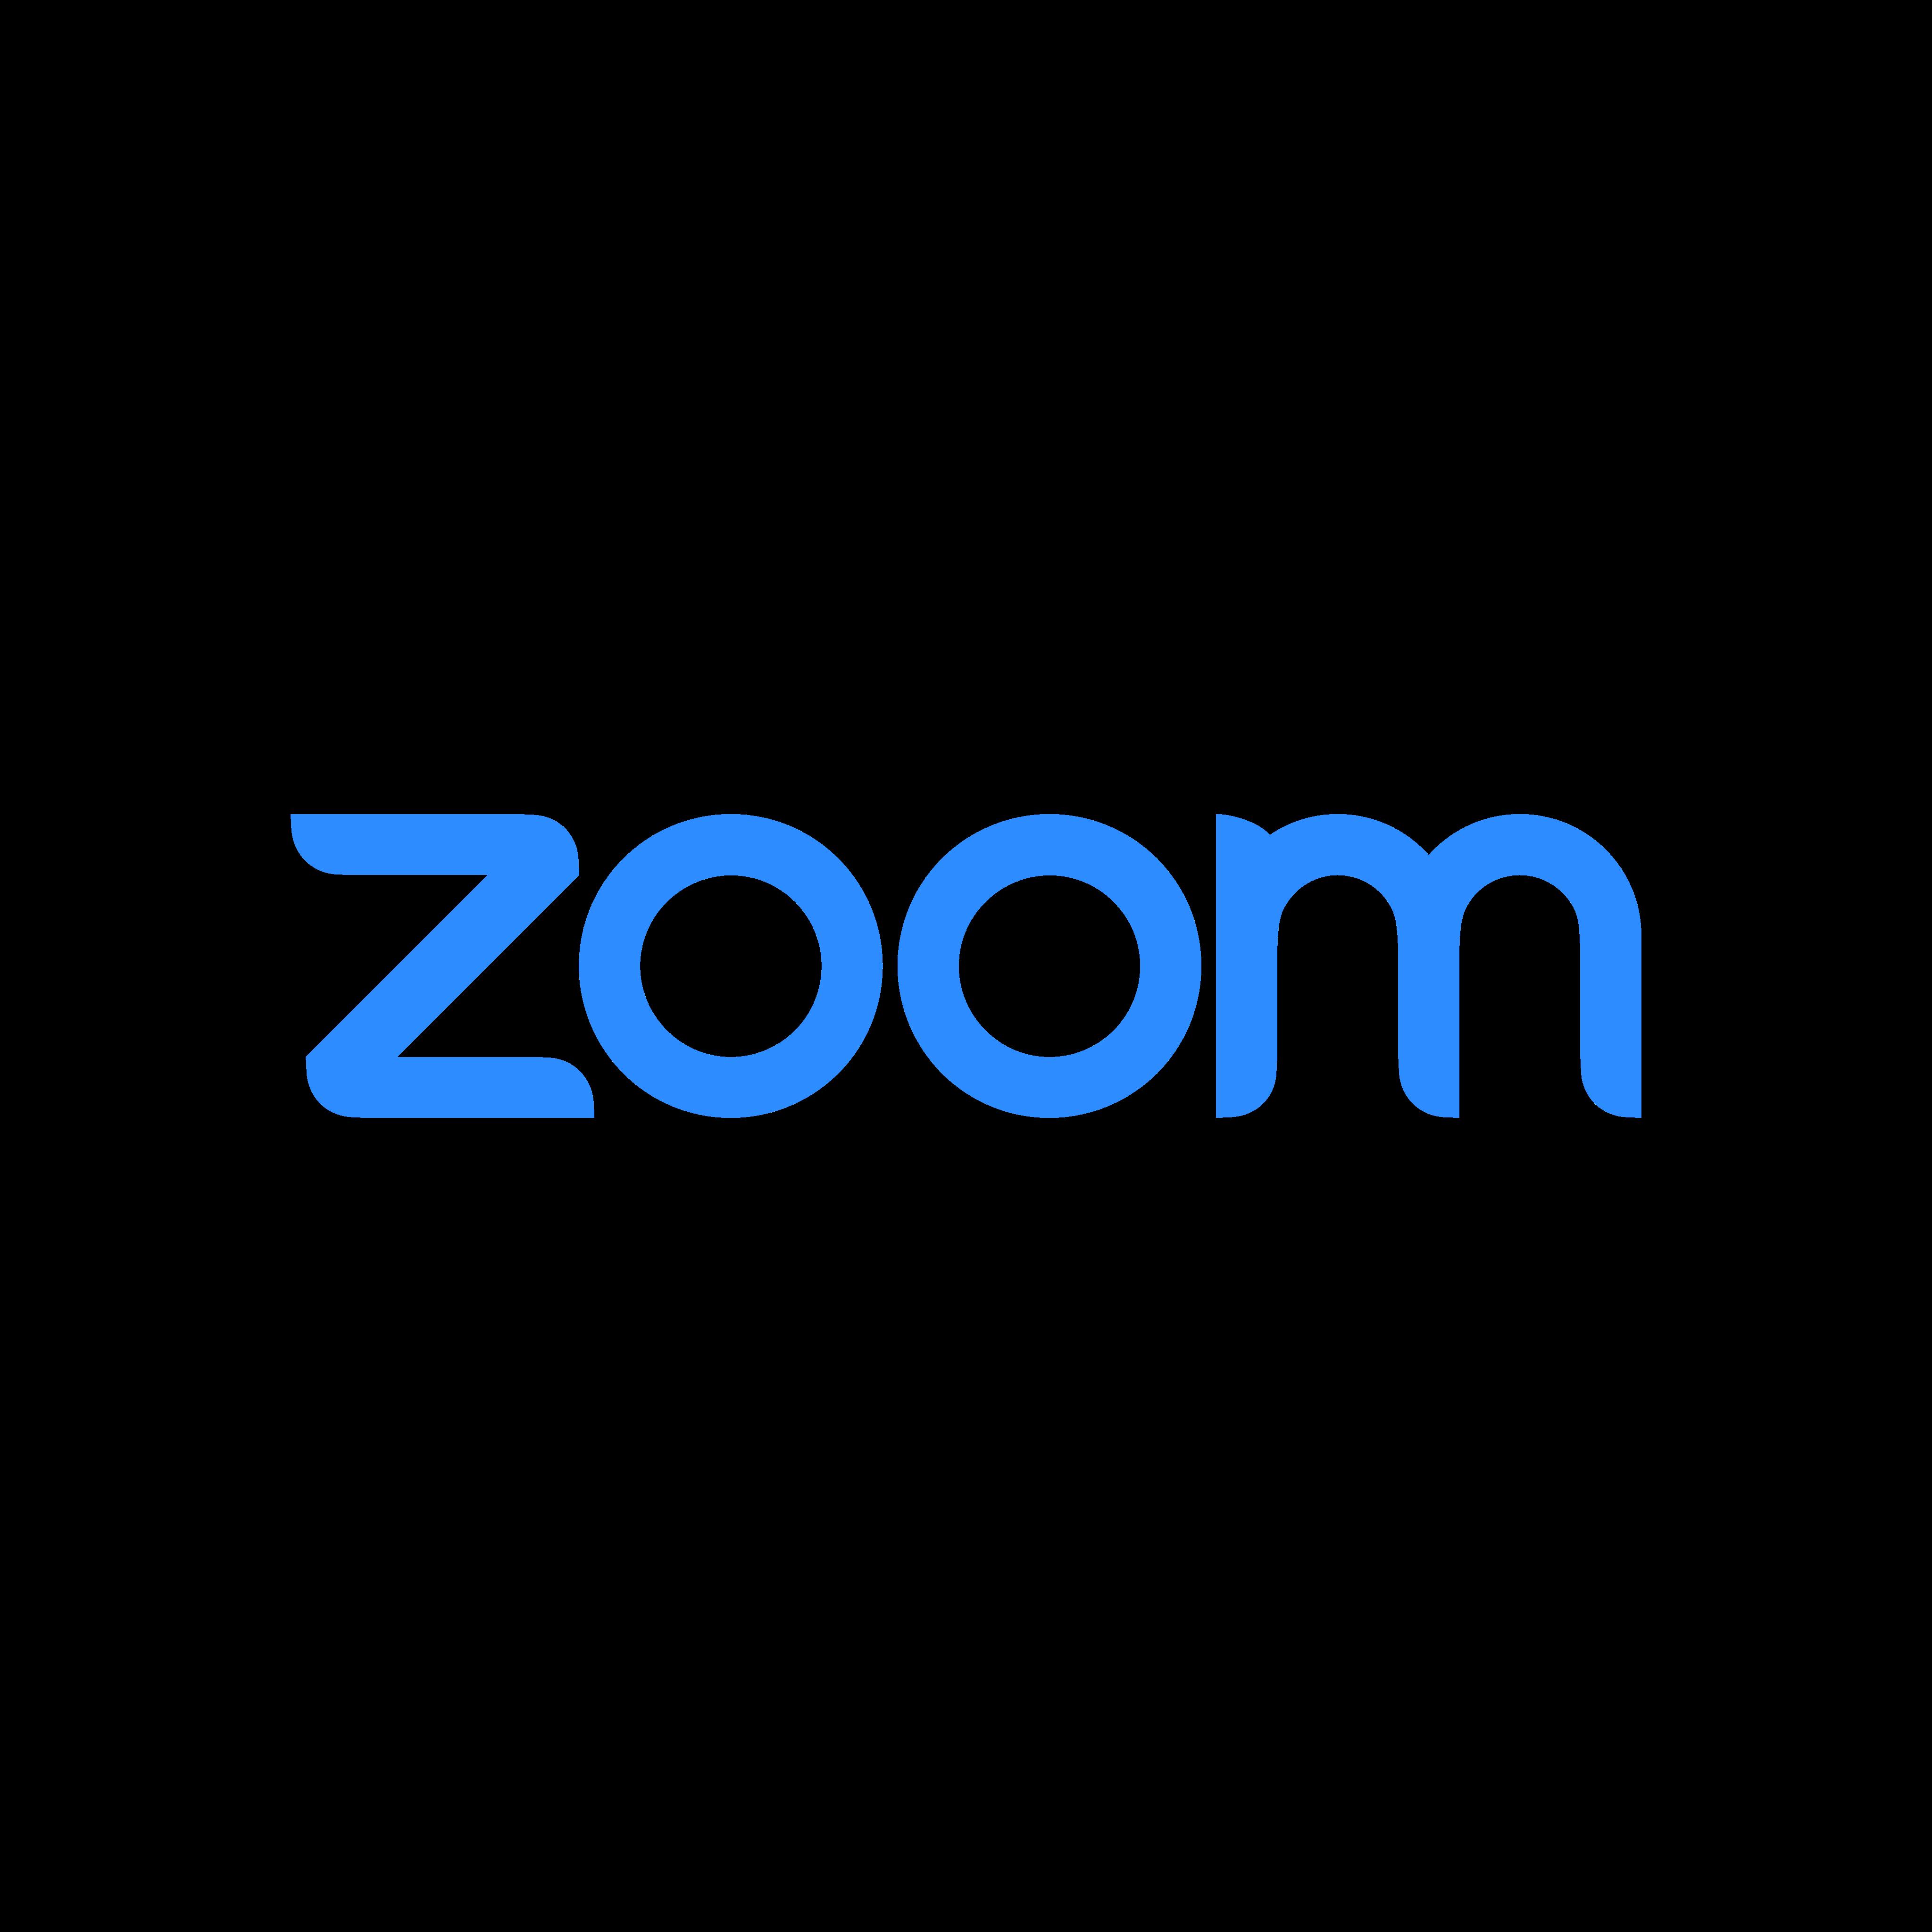 zoom logo 0 - Zoom Logo